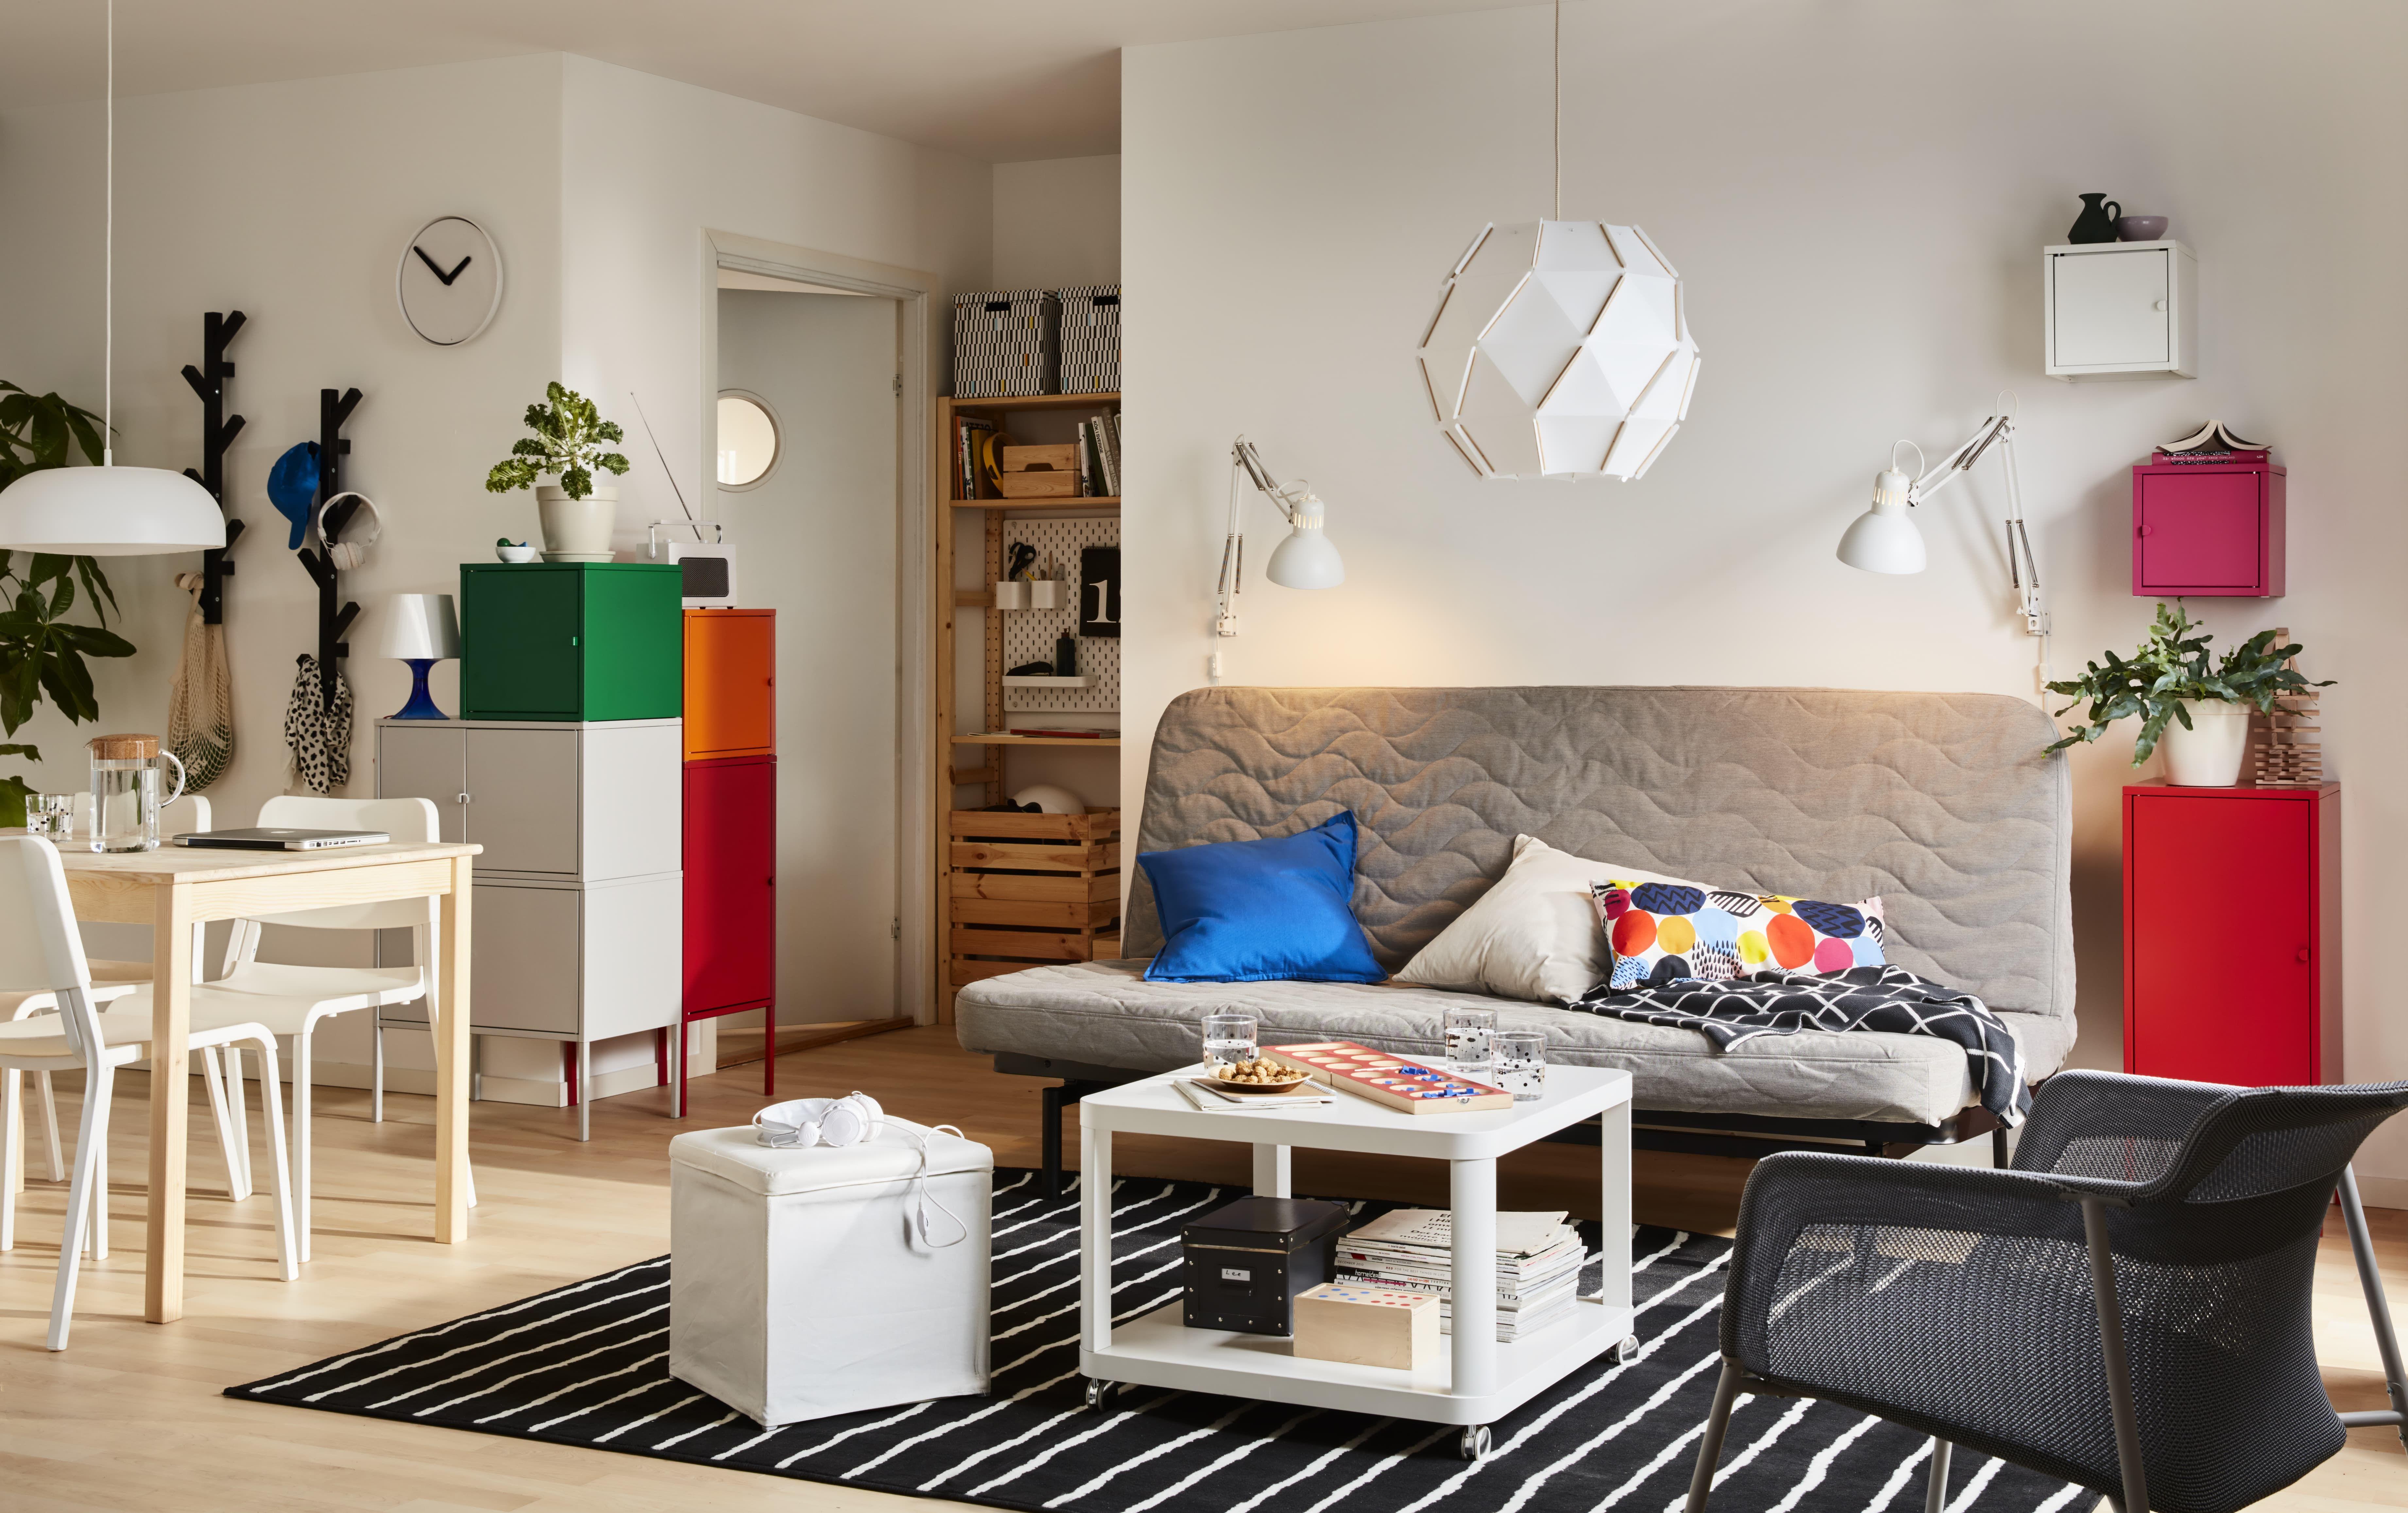 Muebles, colchones y decoración - Compra Online  Salón ikea